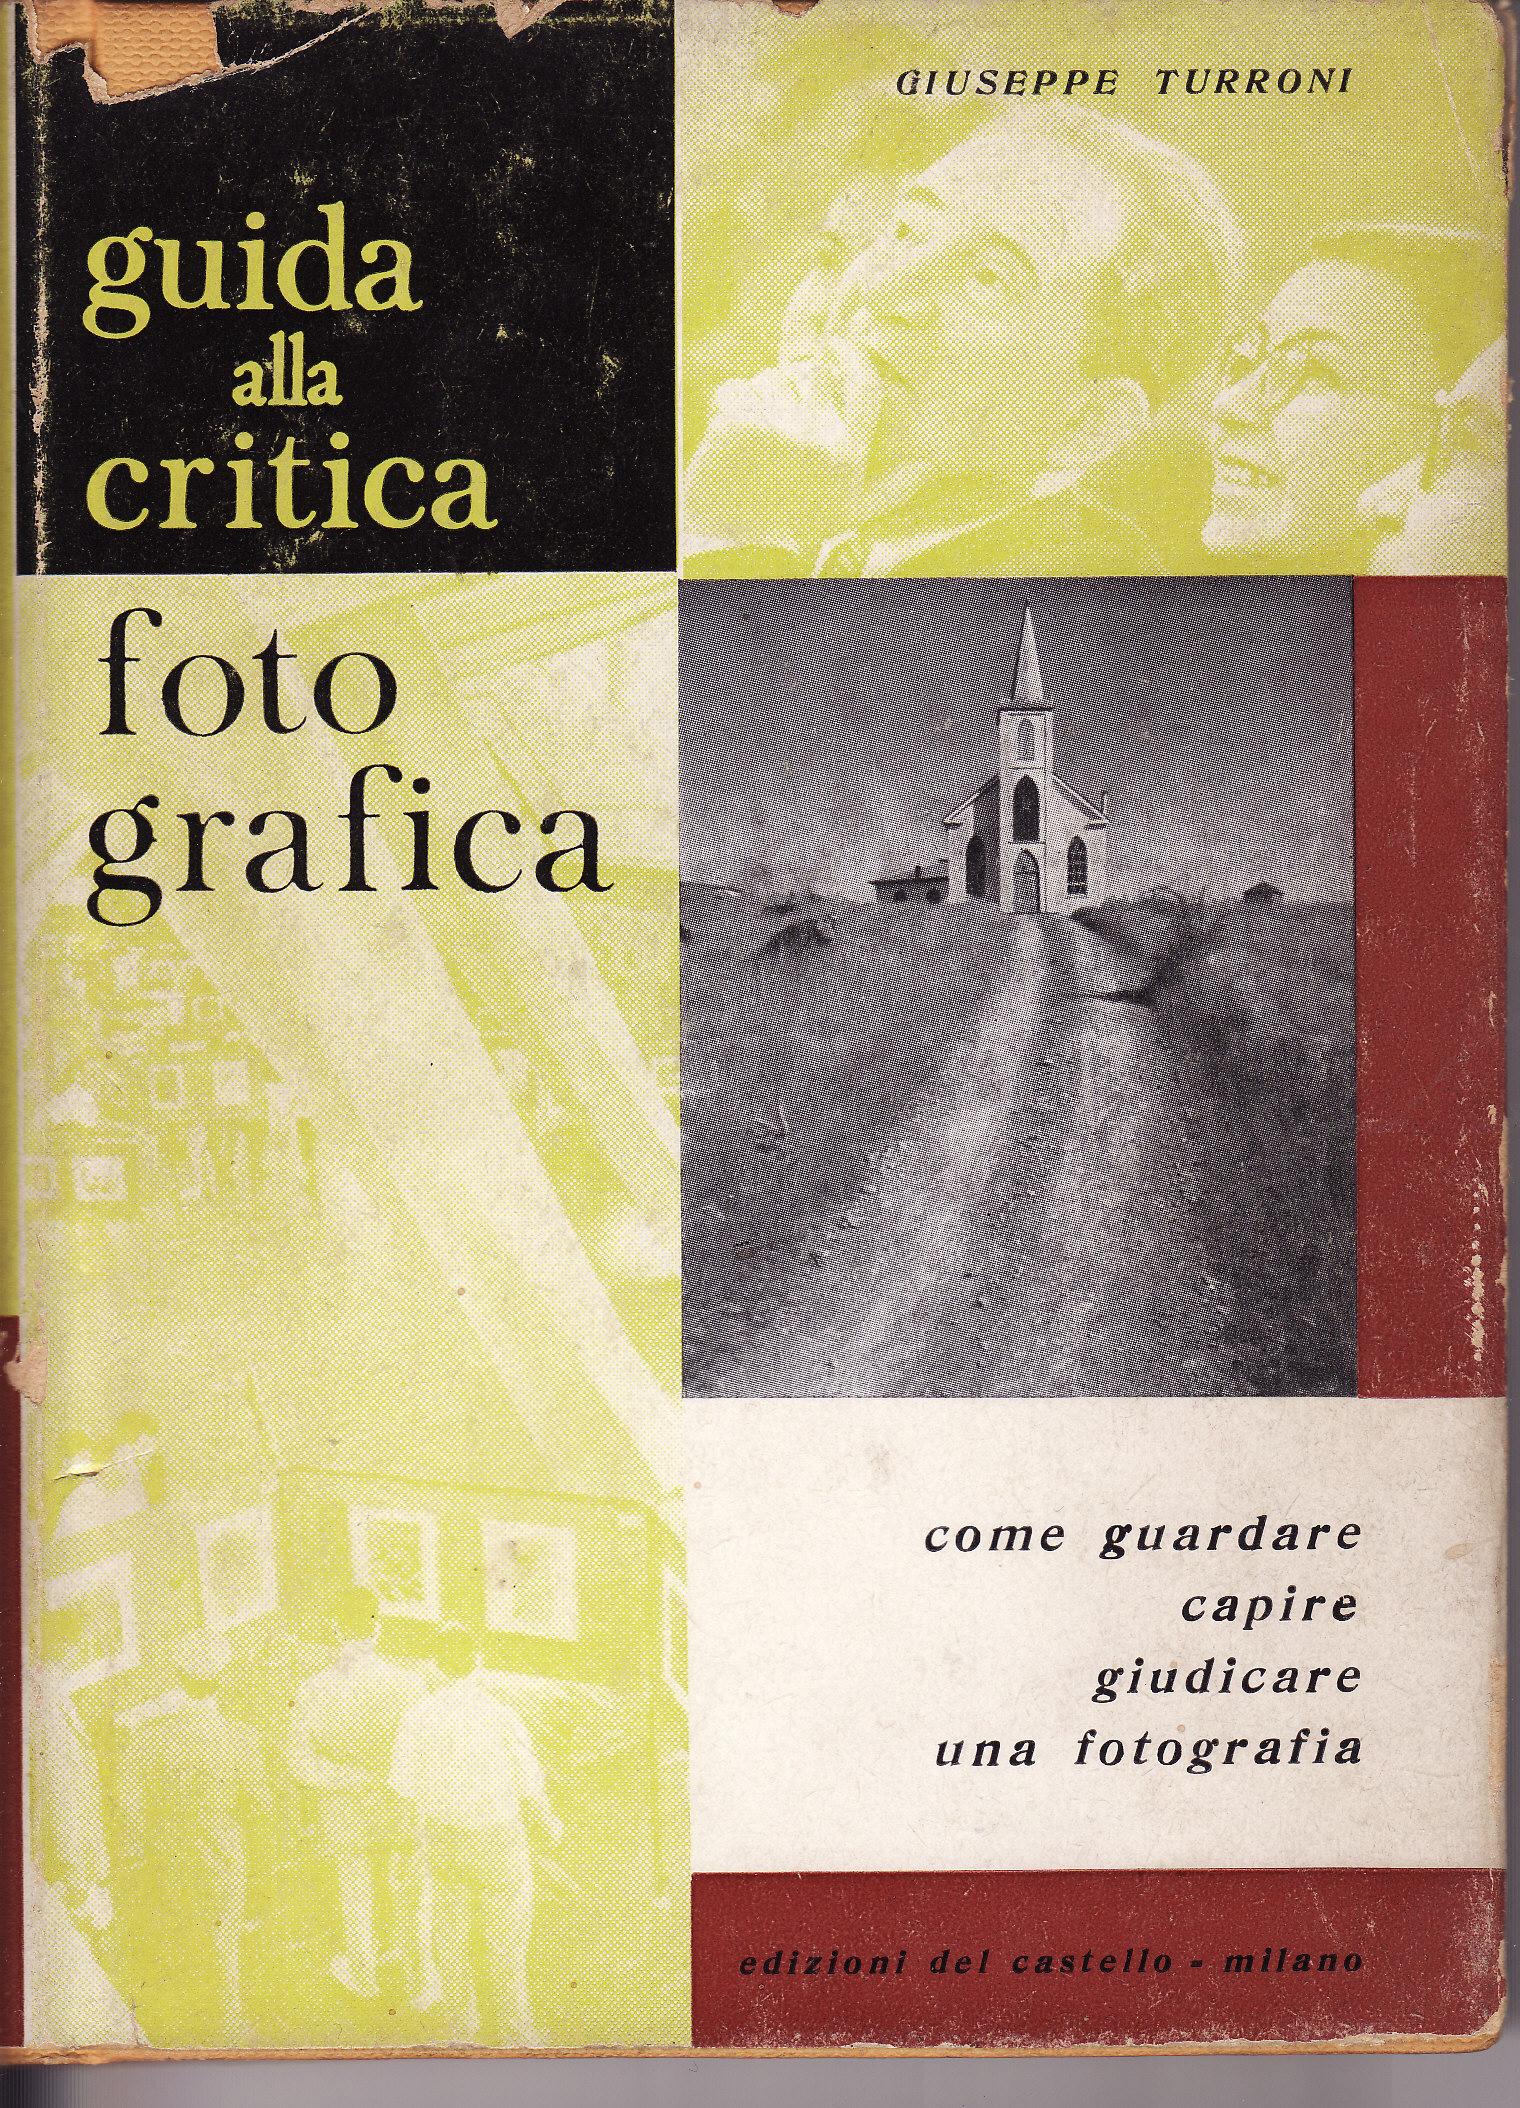 Guida alla critica fotografica